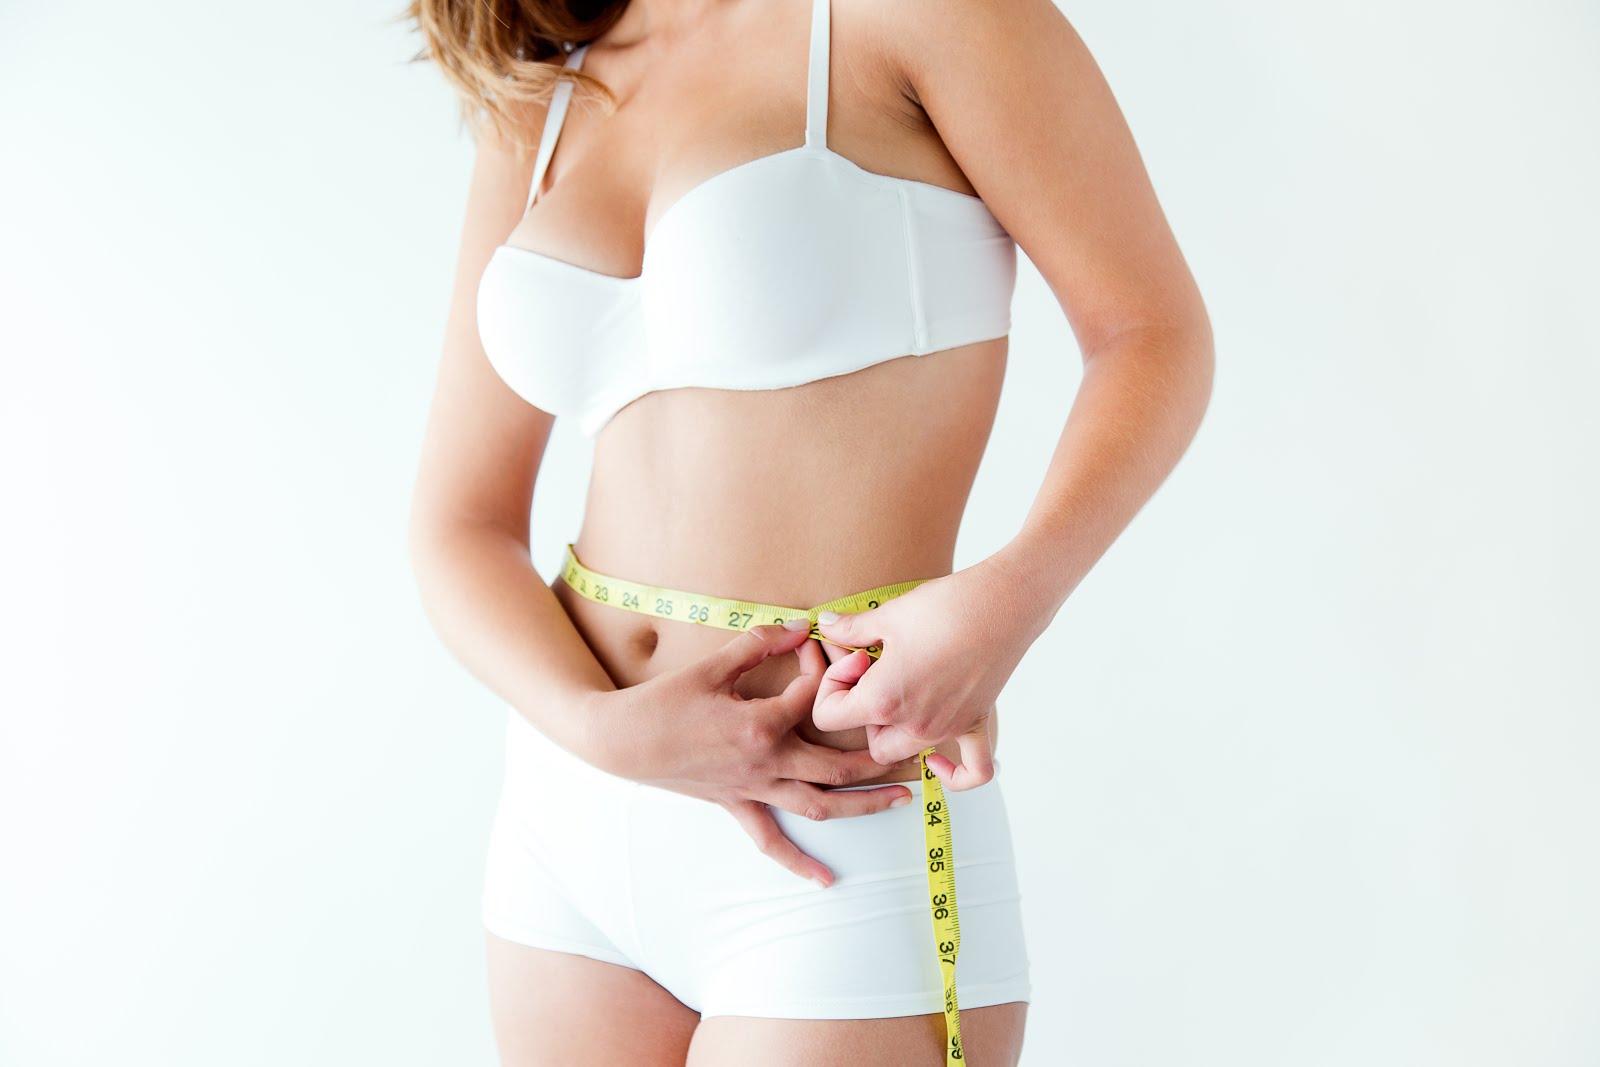 Как я похудела на 23 кг.  Бег. Правильное питание. Лимит калорий. Часть 1 \ How to lose weight